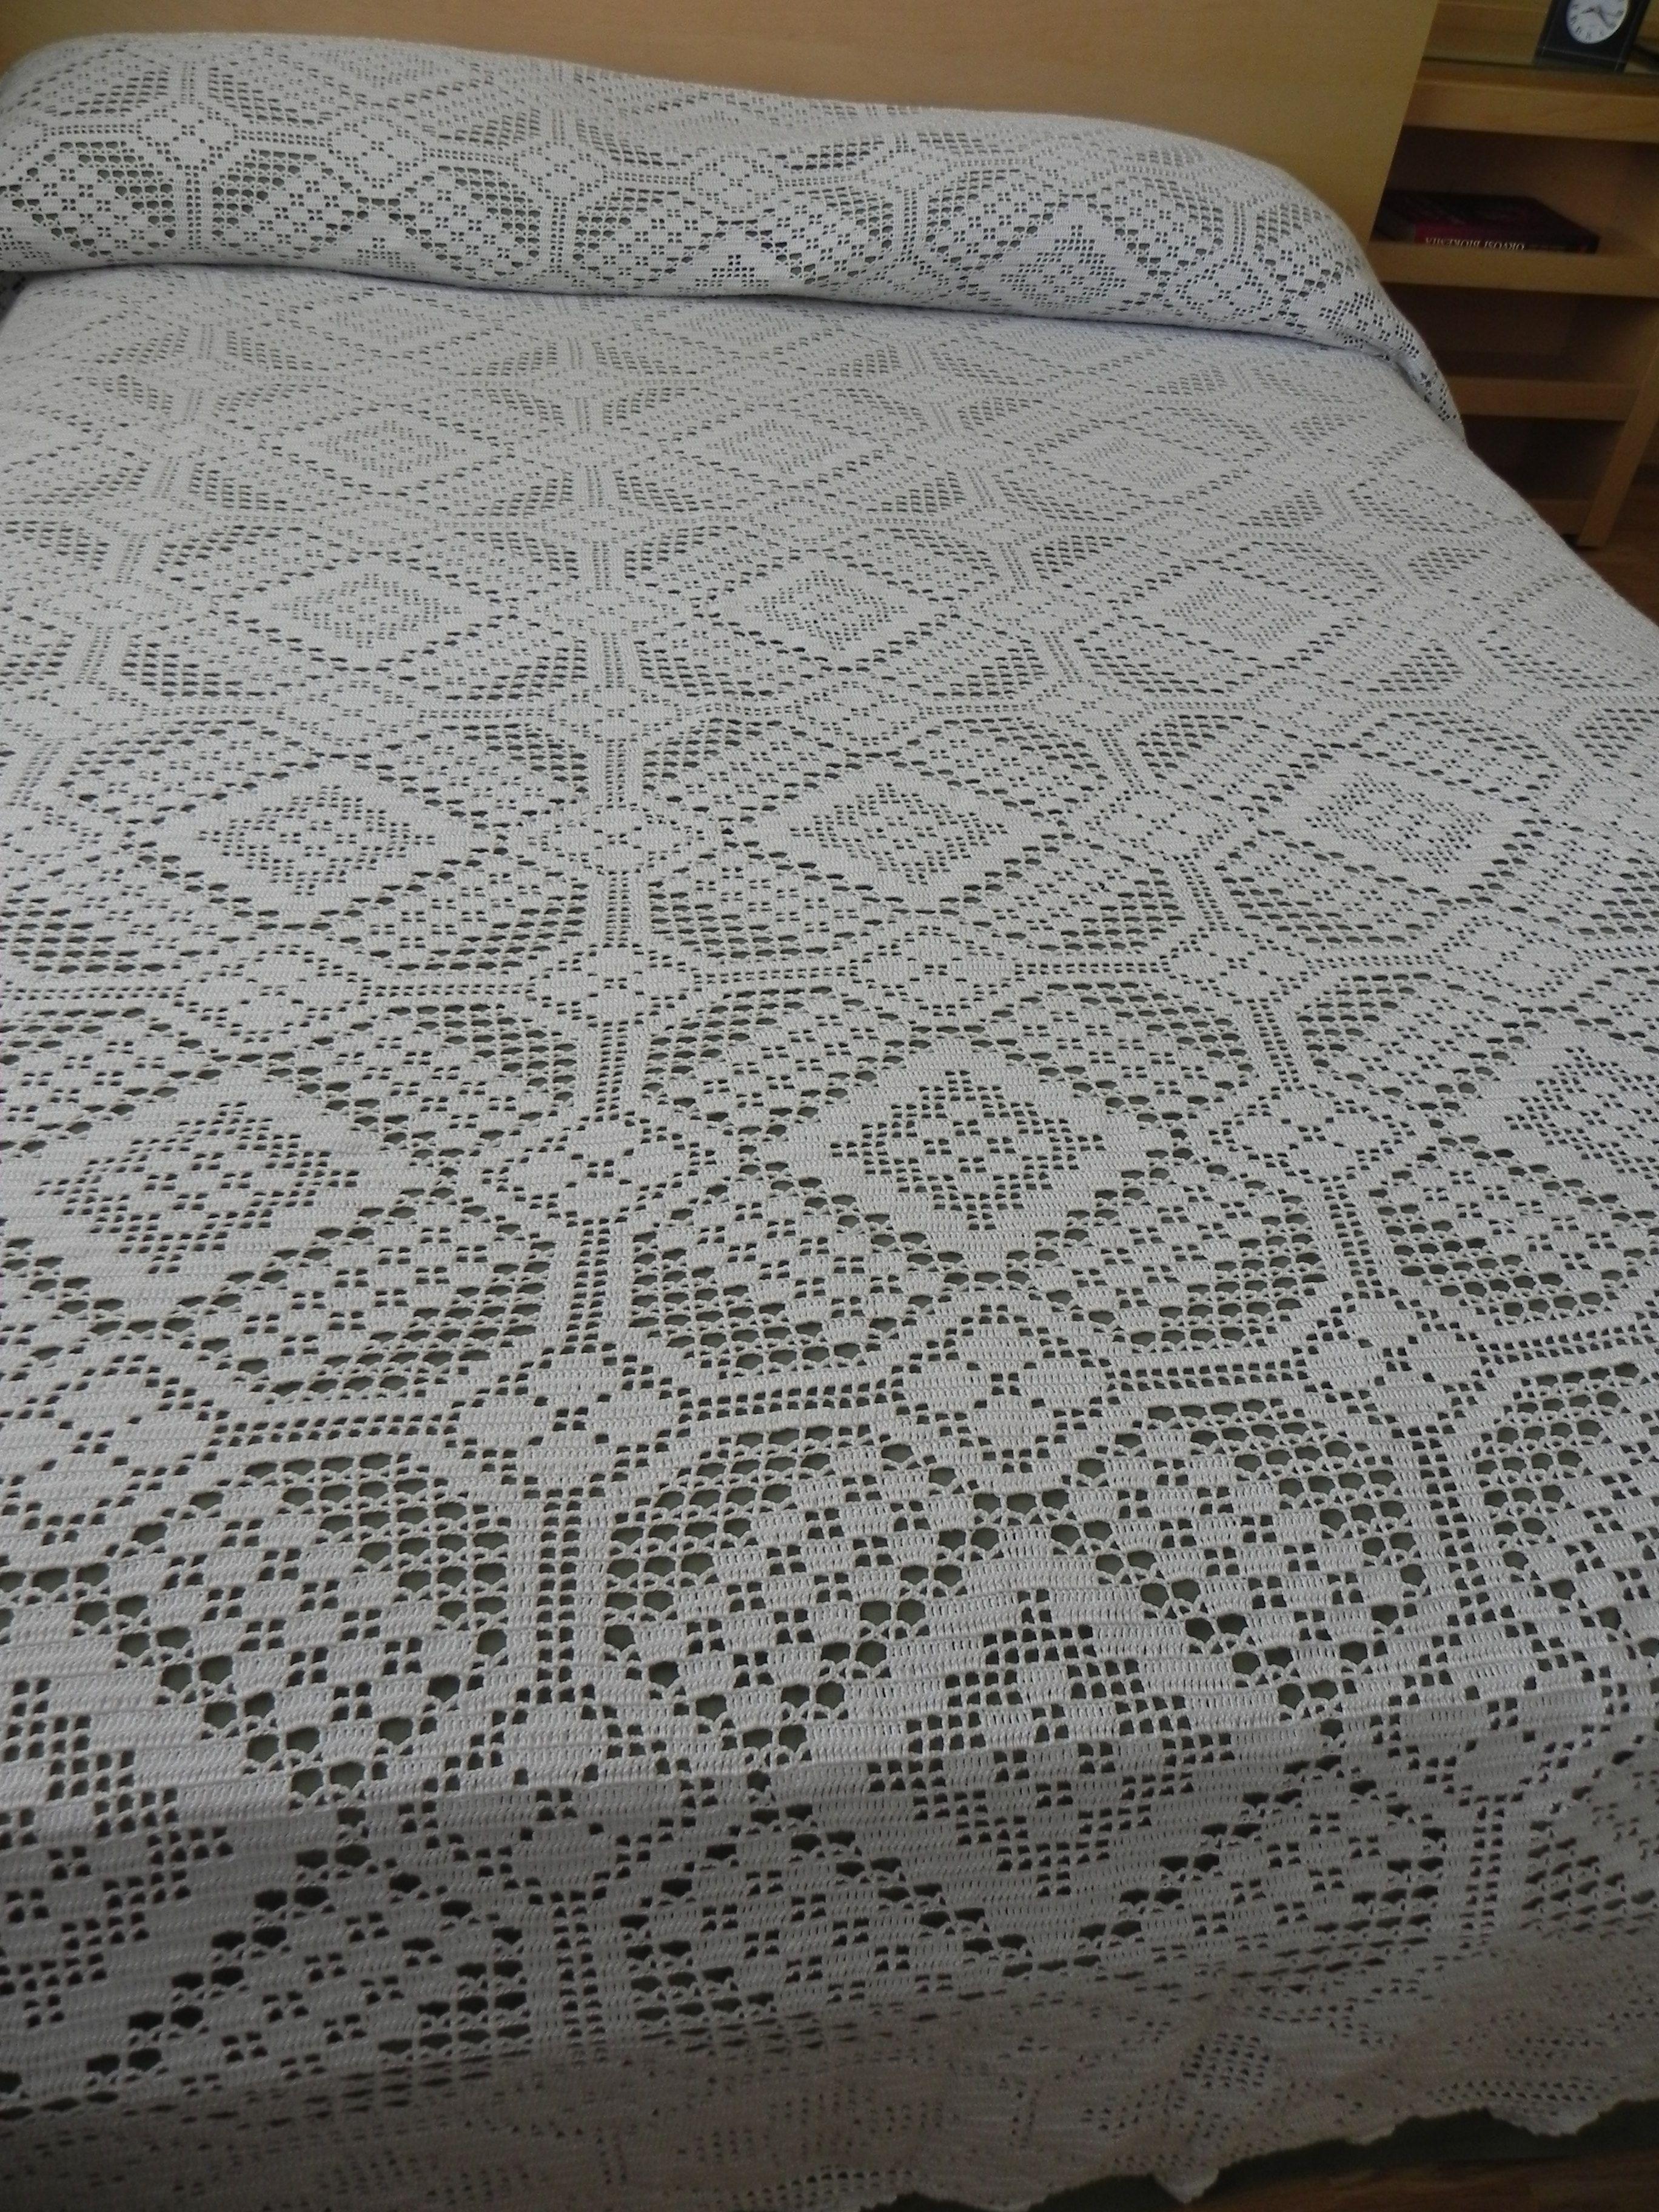 Resultado de imagen para pastillas a crochet para colchas patrones resultado de imagen para pastillas a crochet para colchas patrones bankloansurffo Choice Image